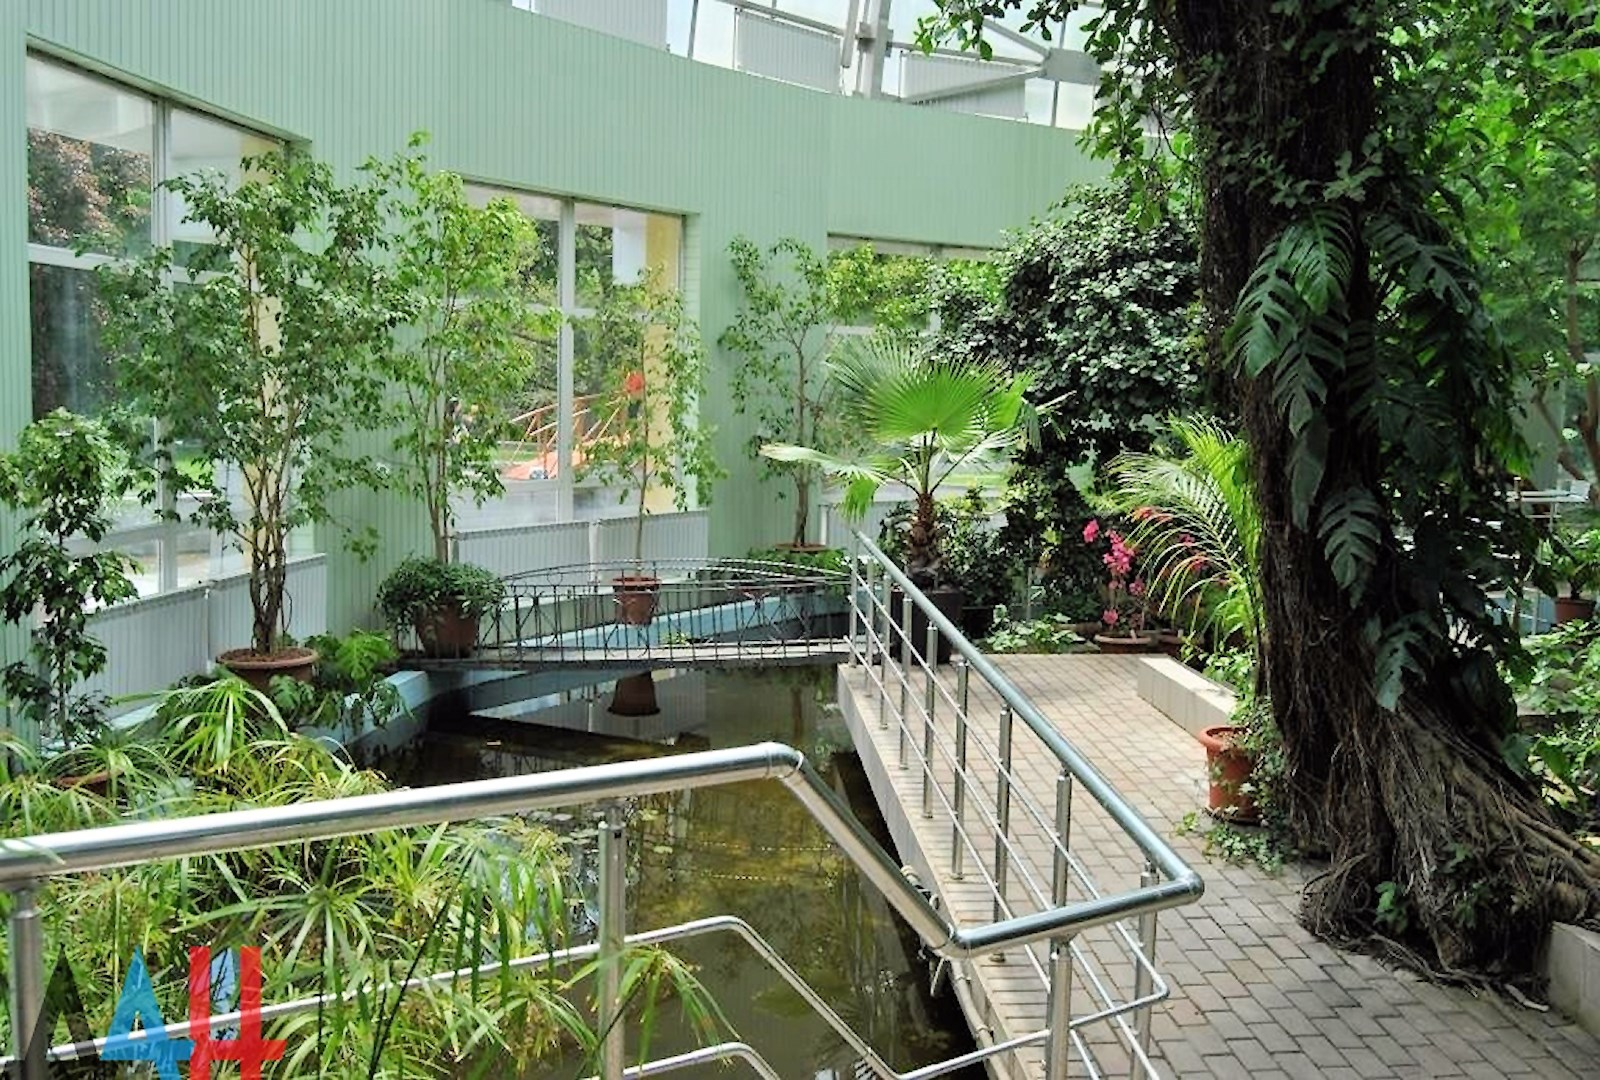 00 donetsk botanical garden 02. 20.05.15